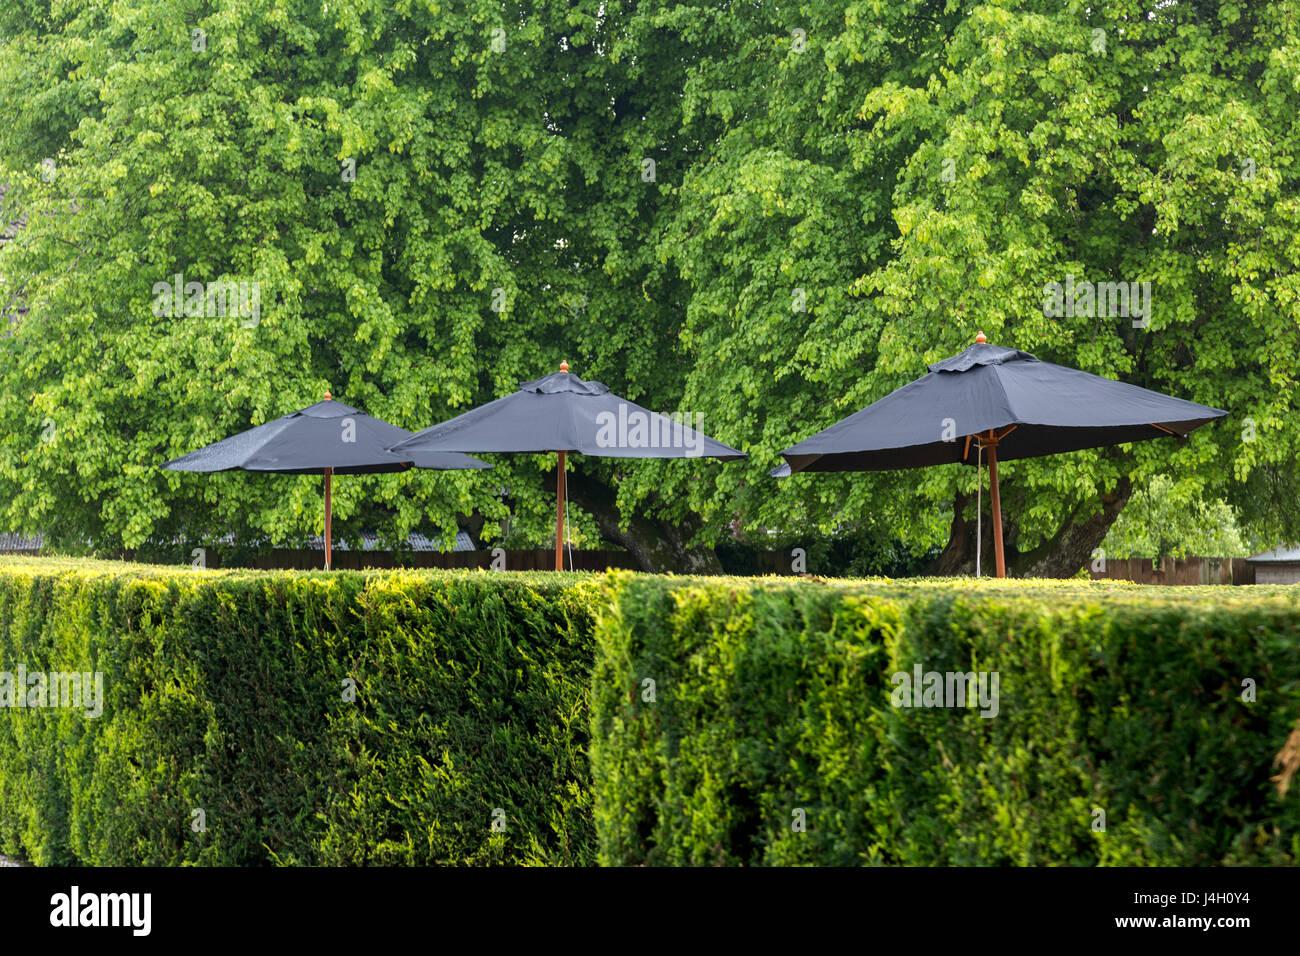 Neatly trimmed leylandii hedge with black garden umbrellas - Cupressus × leylandii - Stock Image